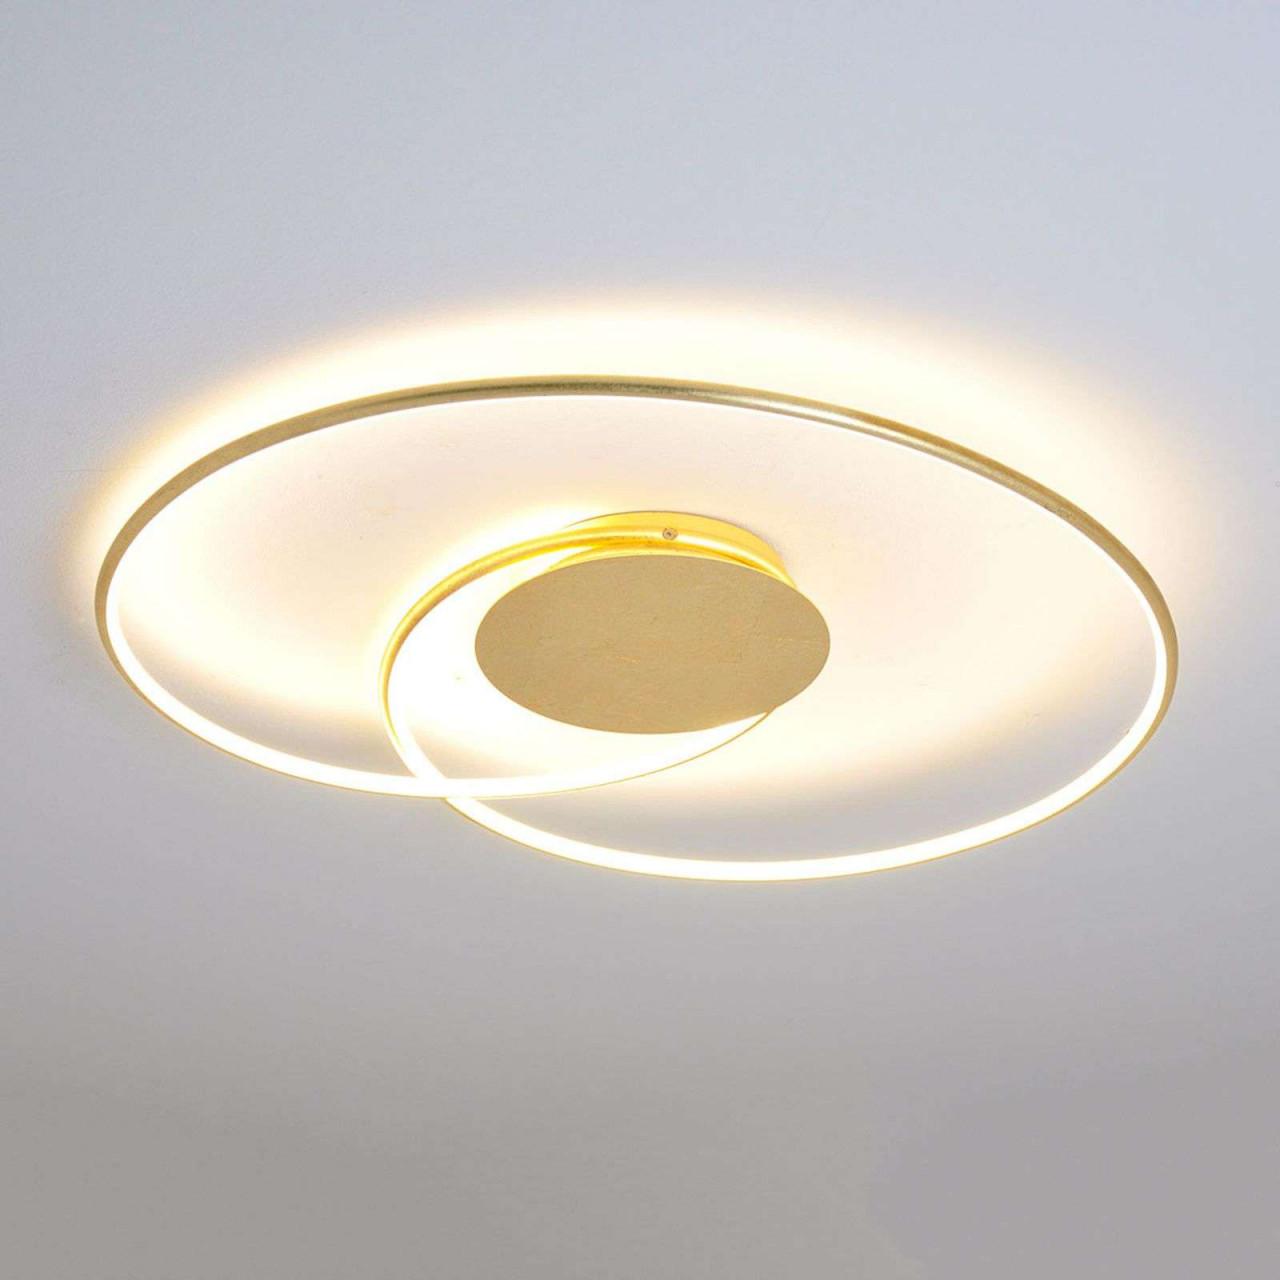 Led Deckenleuchte Deckenlampejoline Gold Hell Deckenlampe von Wohnzimmer Lampe Gold Photo